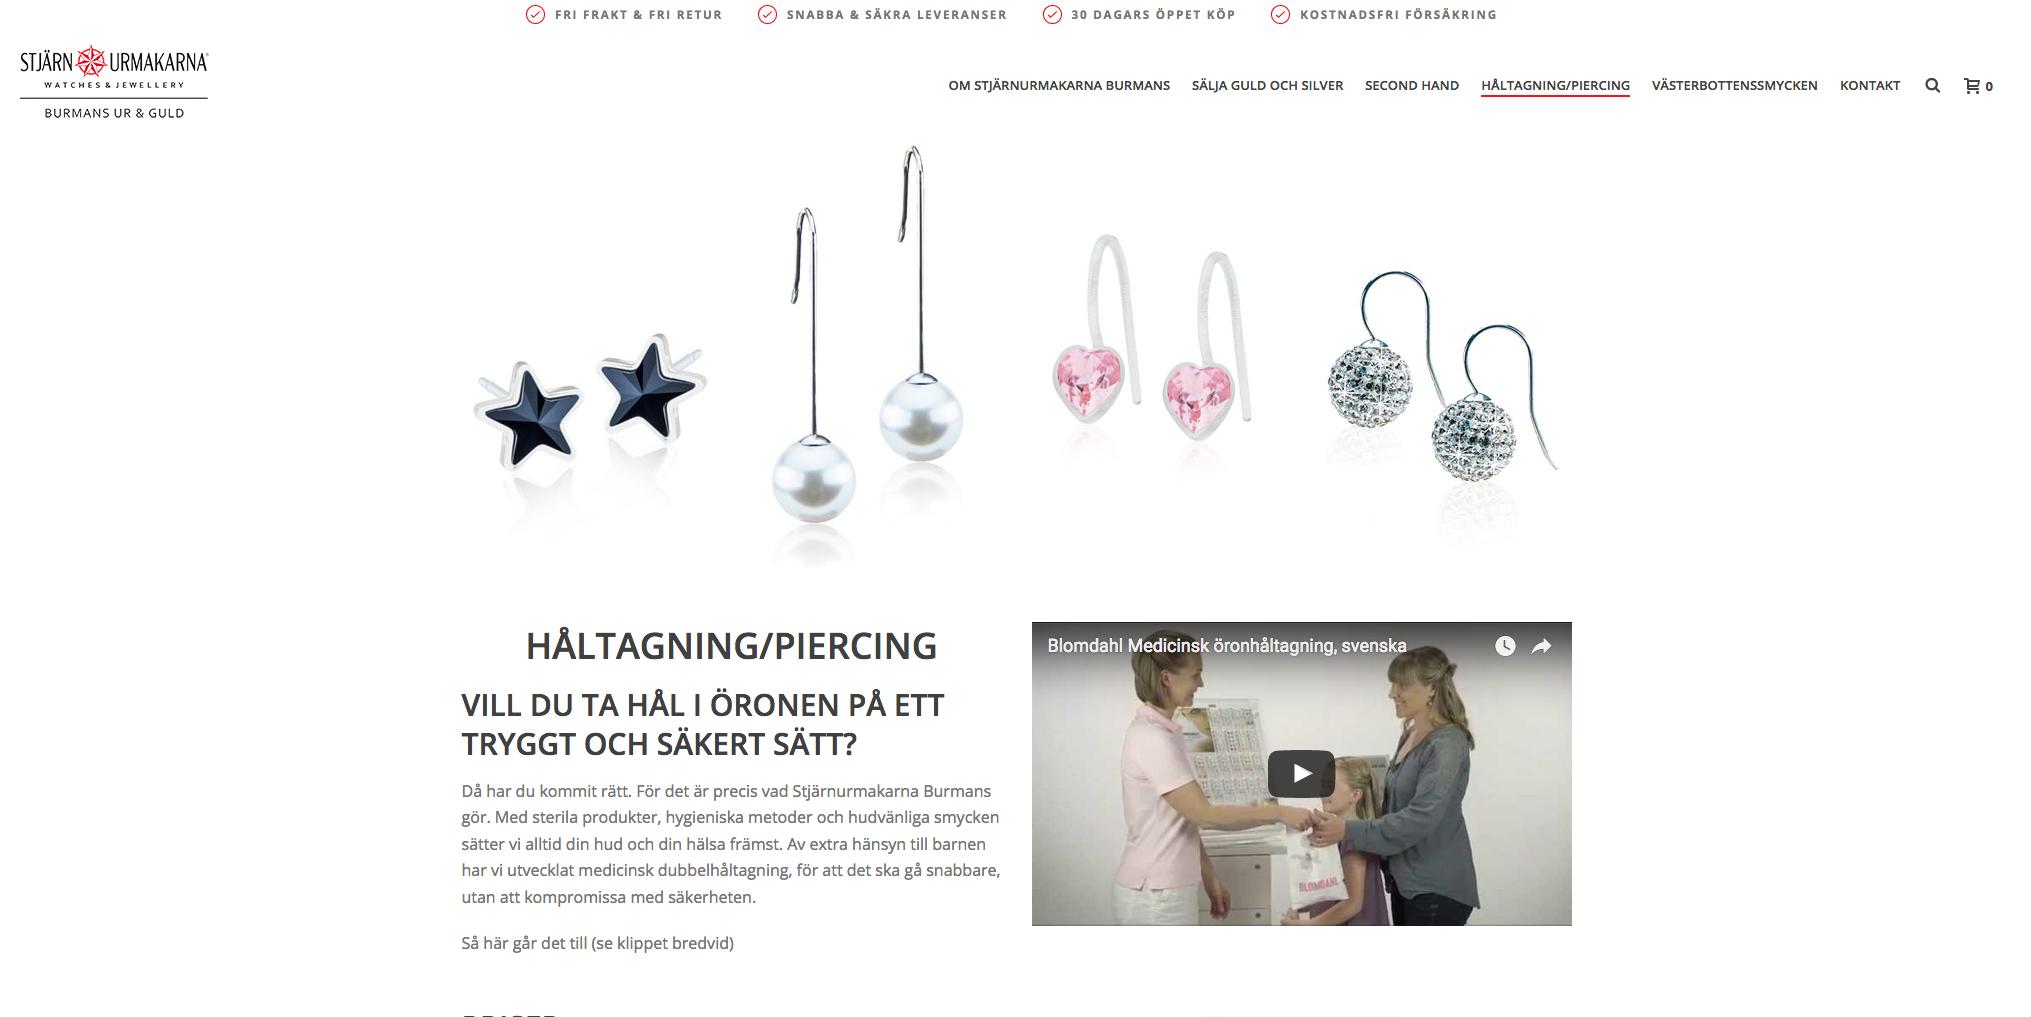 webbdesign, webdesign, grafisk formgivning, hemsida, hemsidor, trycksaker, skellefteå, projektledning, produktionsledning, nätbutik, hemsidan